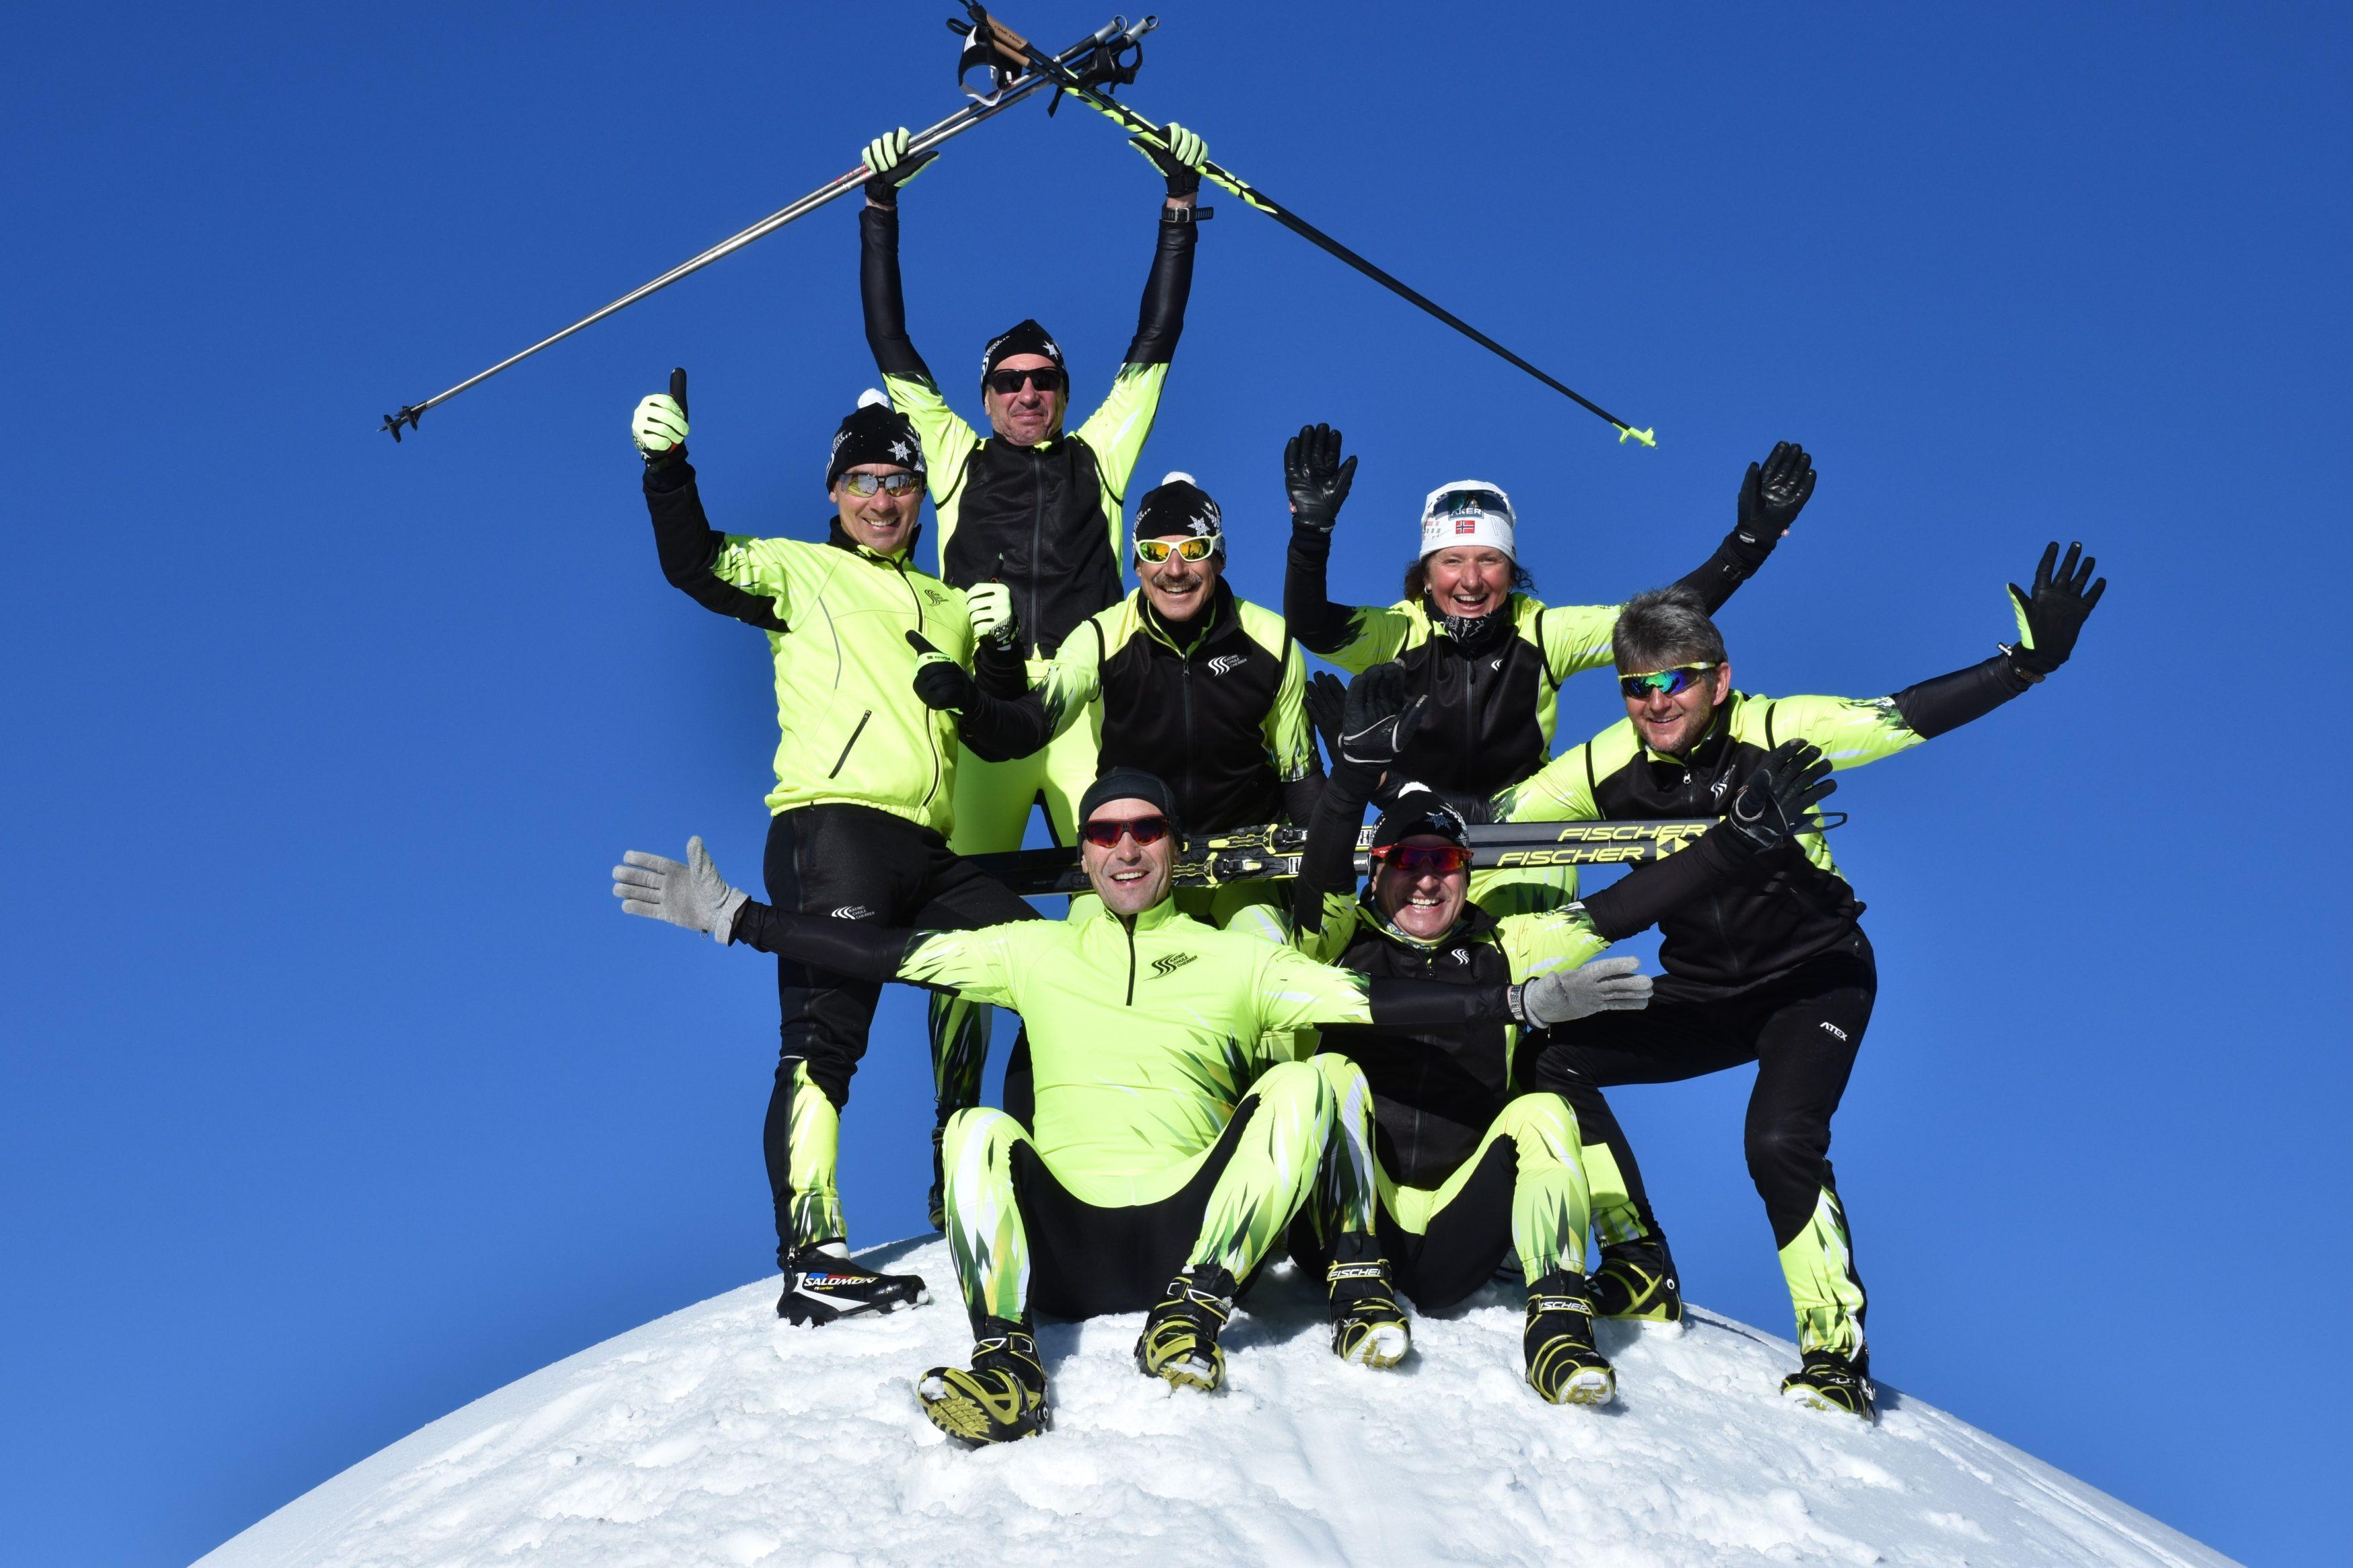 Biathlonschule Scherrer